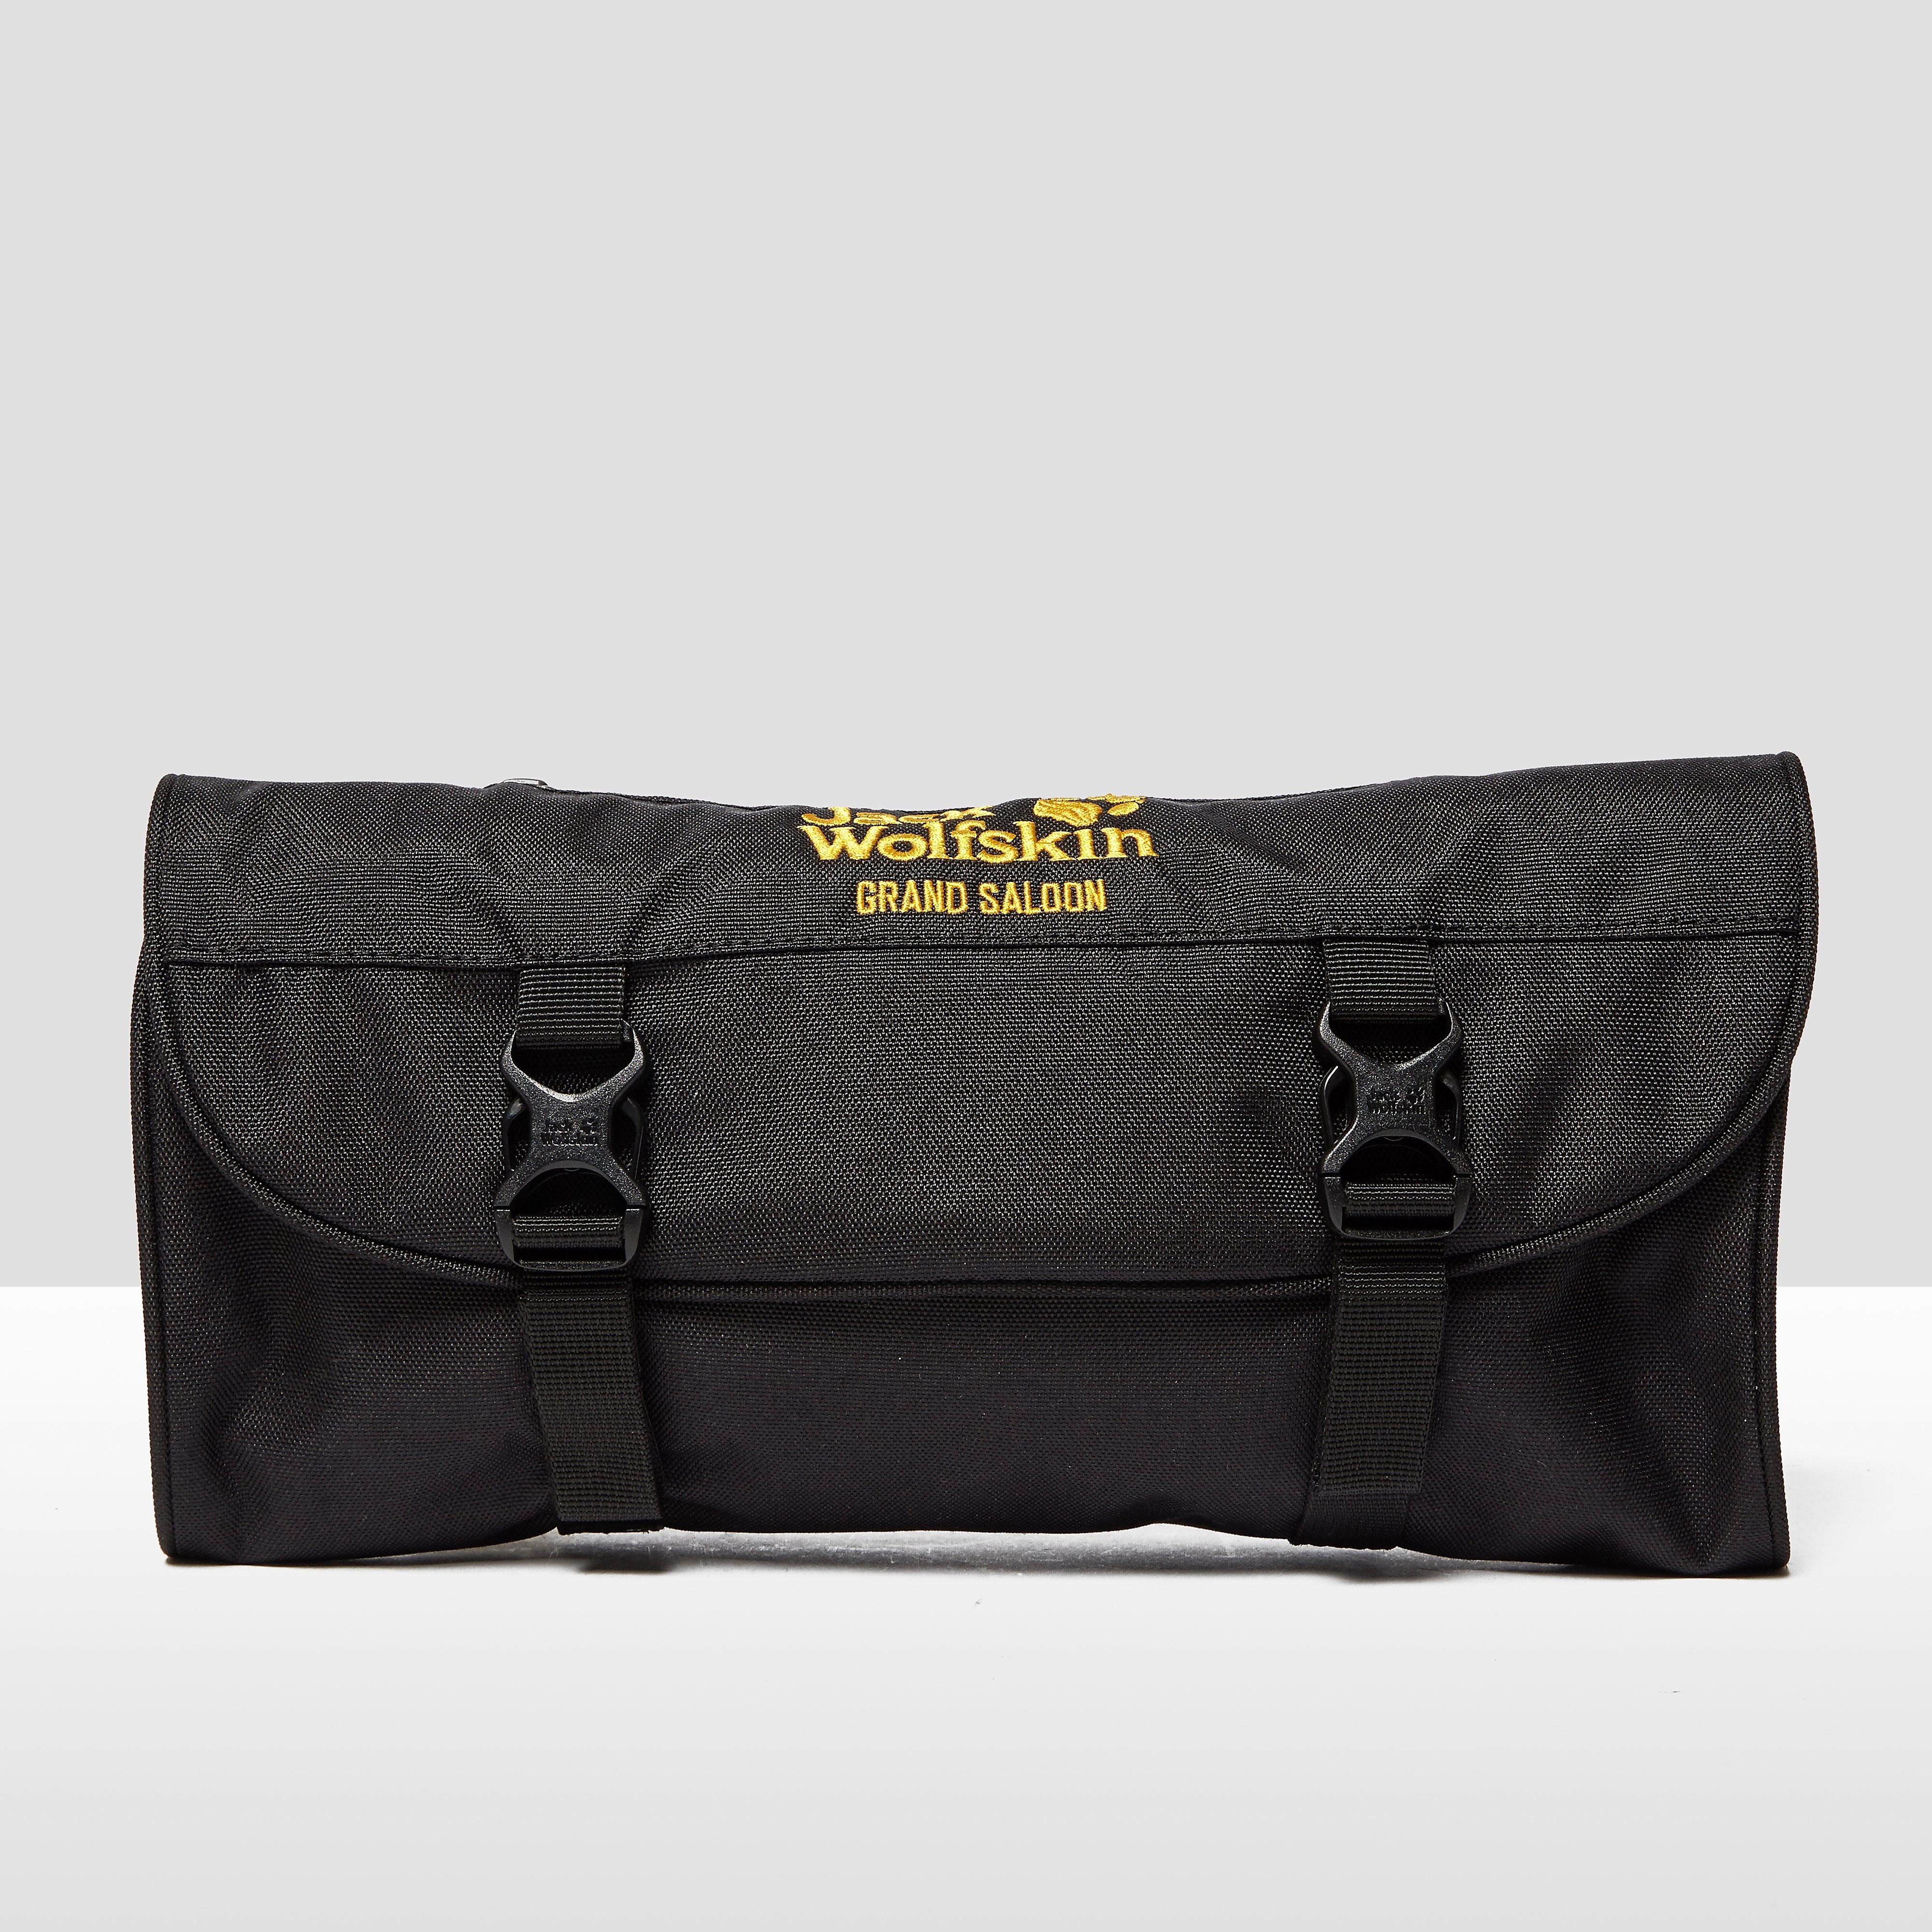 JACK WOLFSKIN Grand Saloon Wash Bag